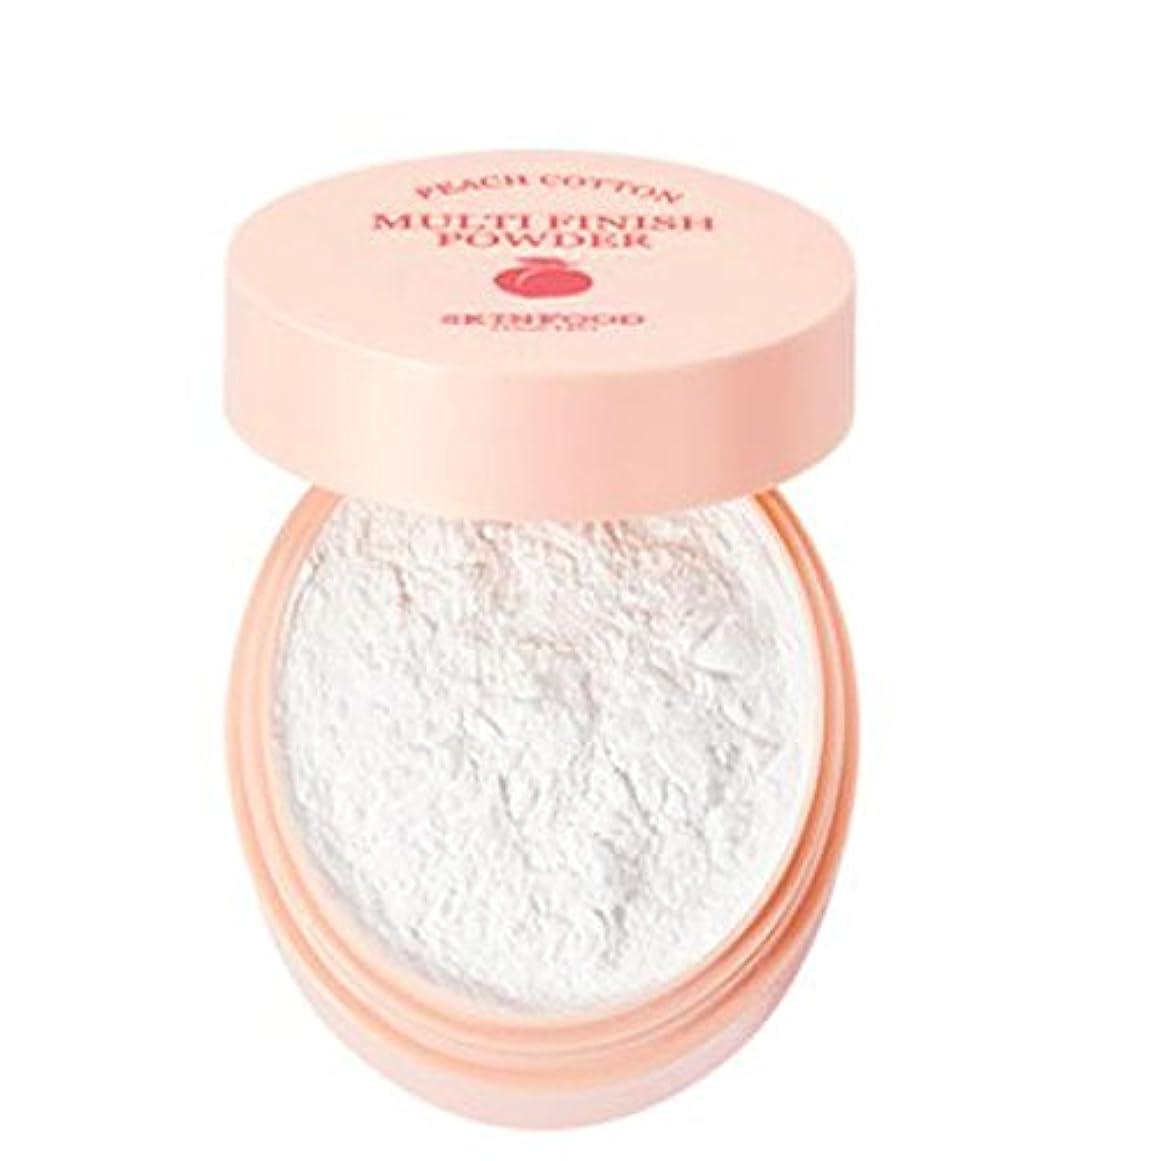 改修する鋸歯状茎[SKINFOOD] Peach Cotton Multi Finish Powder ピッチサラッとマルチフィニッシュパウダー - 5g